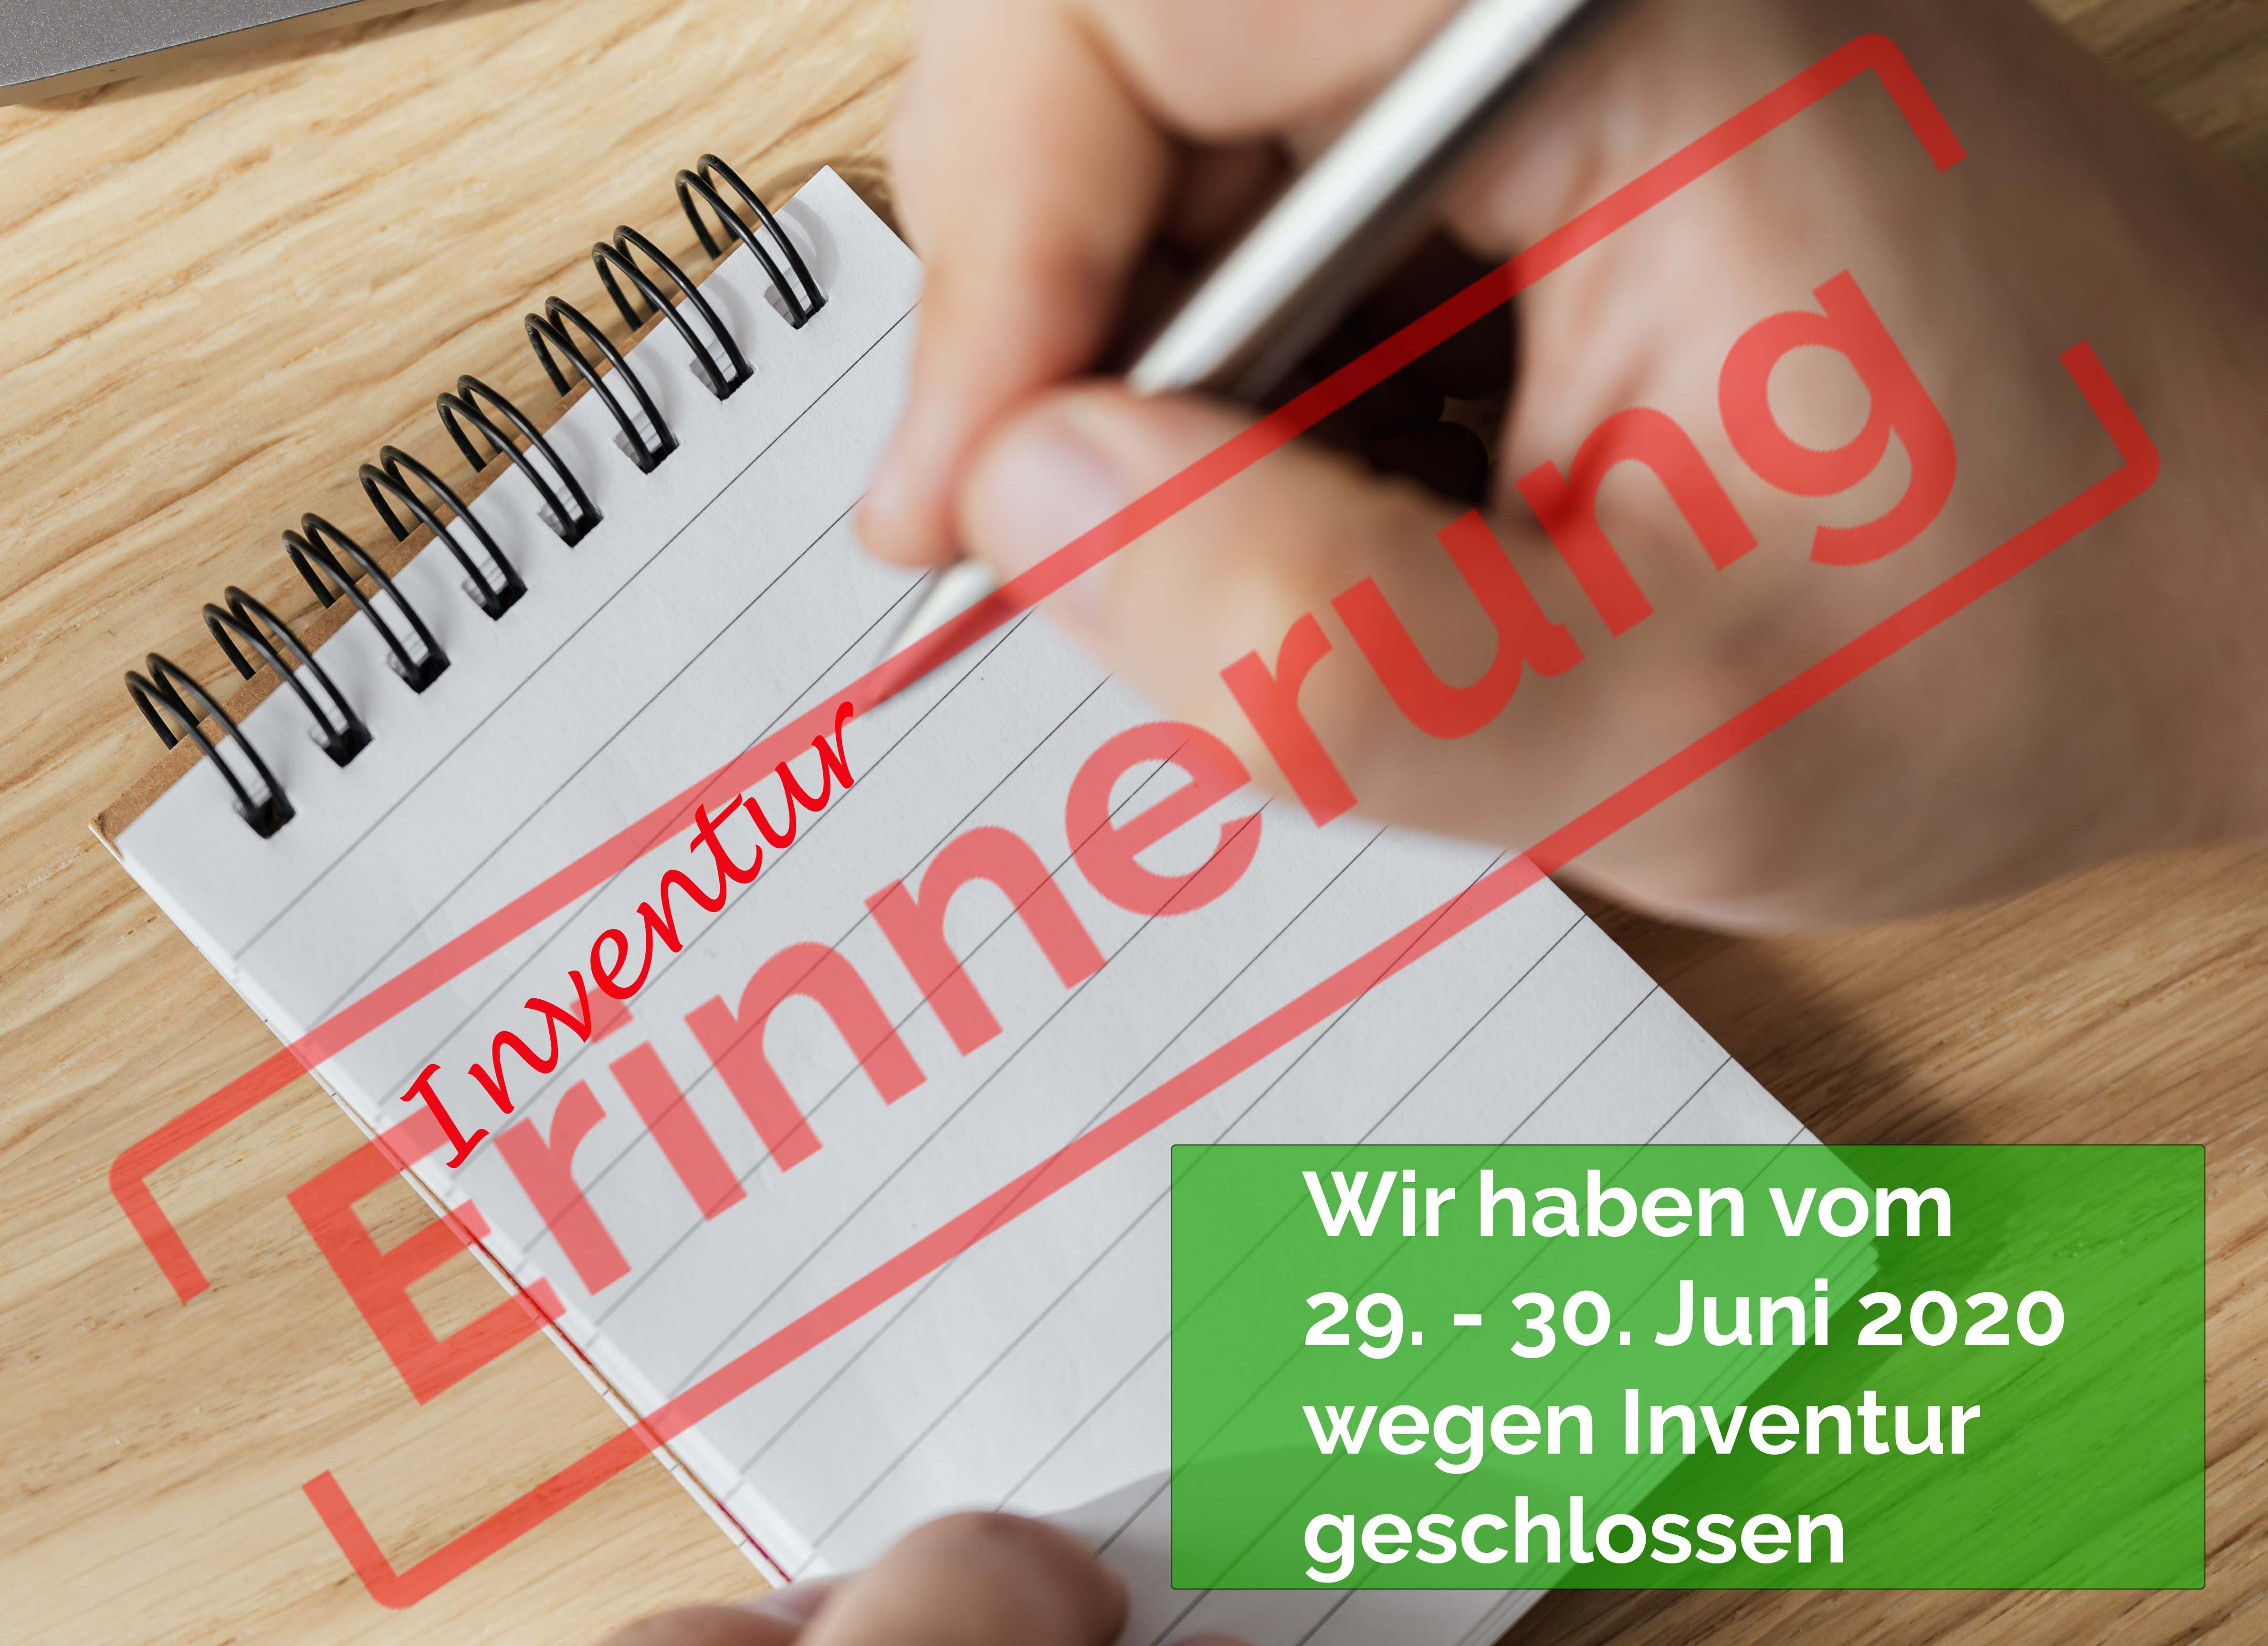 Wir haben aufgrund unserer Inventur vom 29. - 30.06.2020 geschlossen!